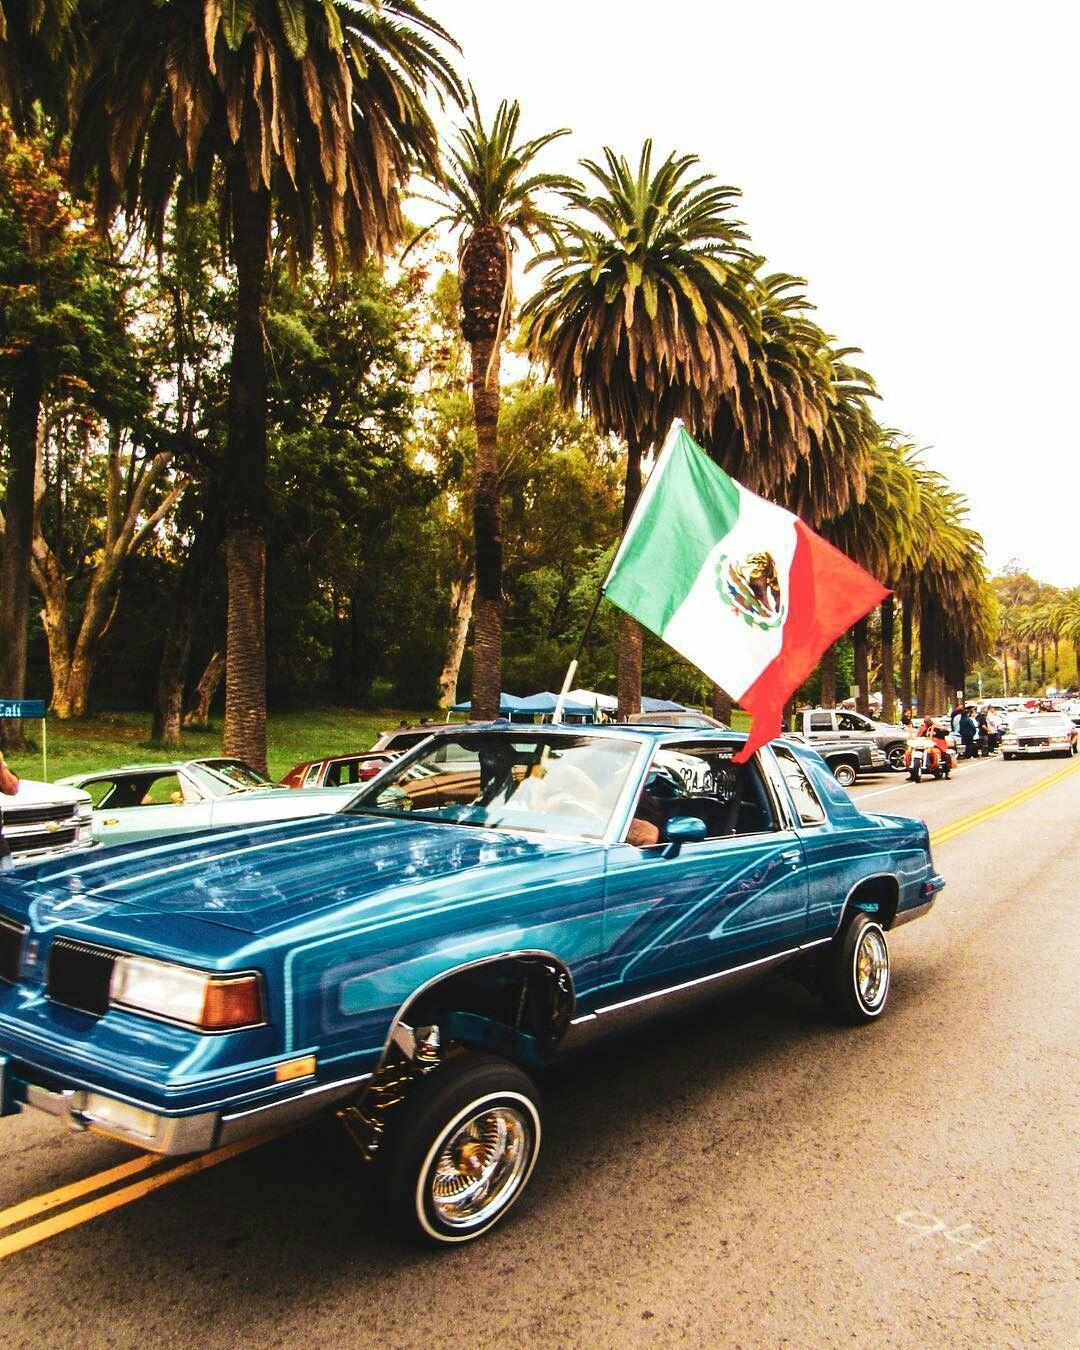 Pin By Florenciano Cruz On ORGULLO MEXICANO